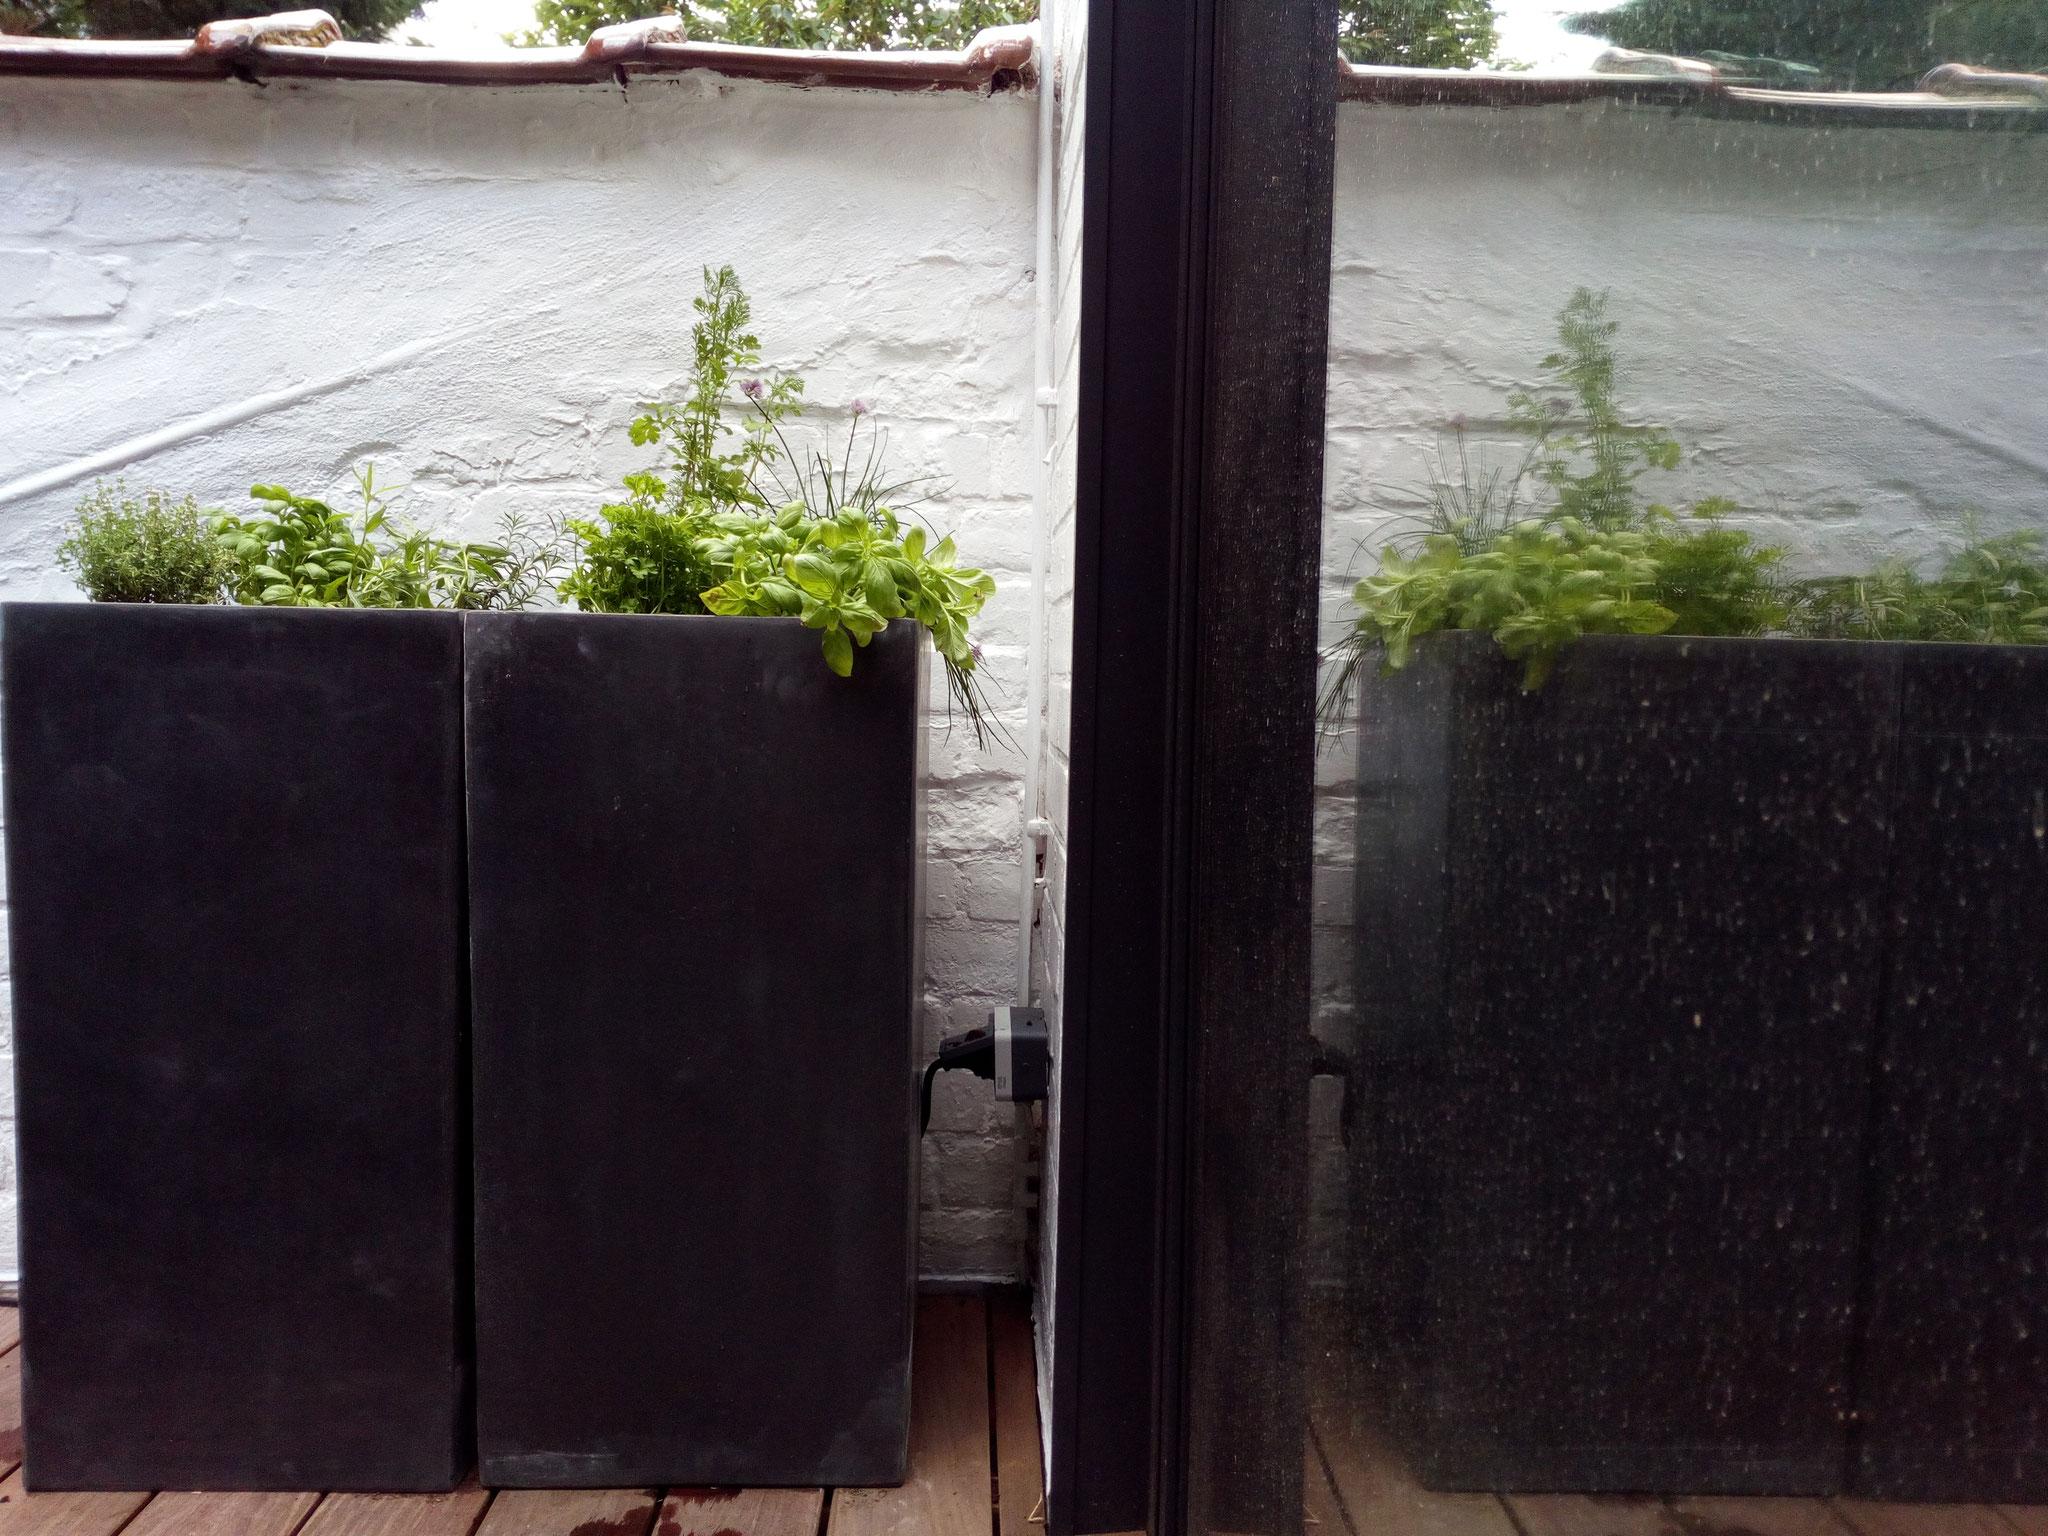 Cour sur 4 niveaux - Niveau haut  / +1an - Détail des plantations de condiments - Amenagement jardin Bruxelles